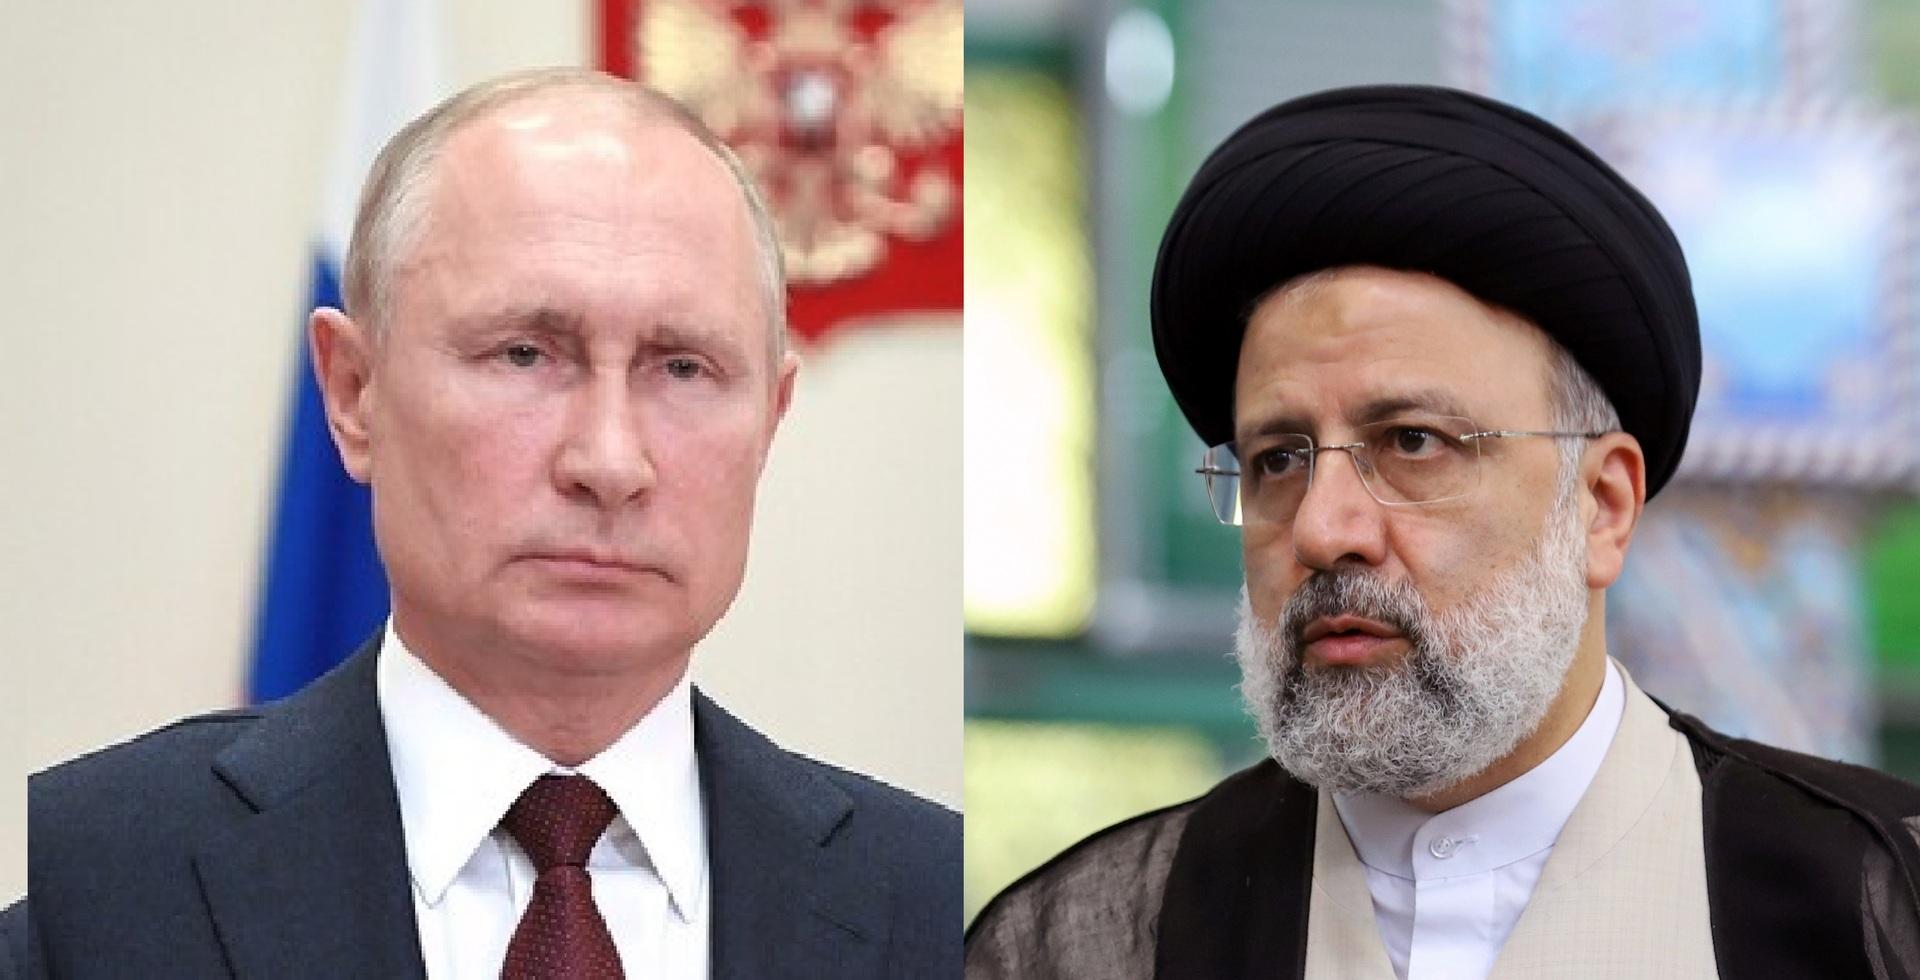 سفير إيران لدى موسكو يسلم رسالة من رئيس بلاده المنتخب إلى الرئيس الروسي